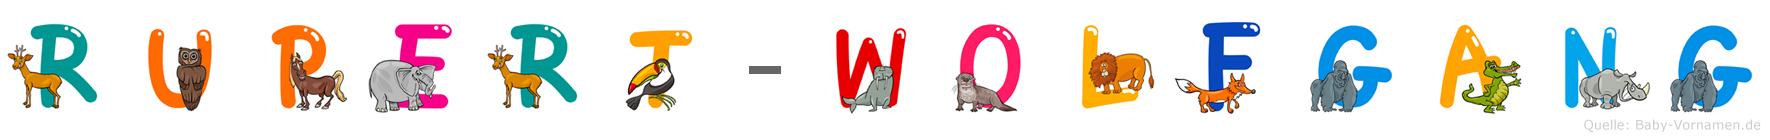 Rupert-Wolfgang im Tieralphabet